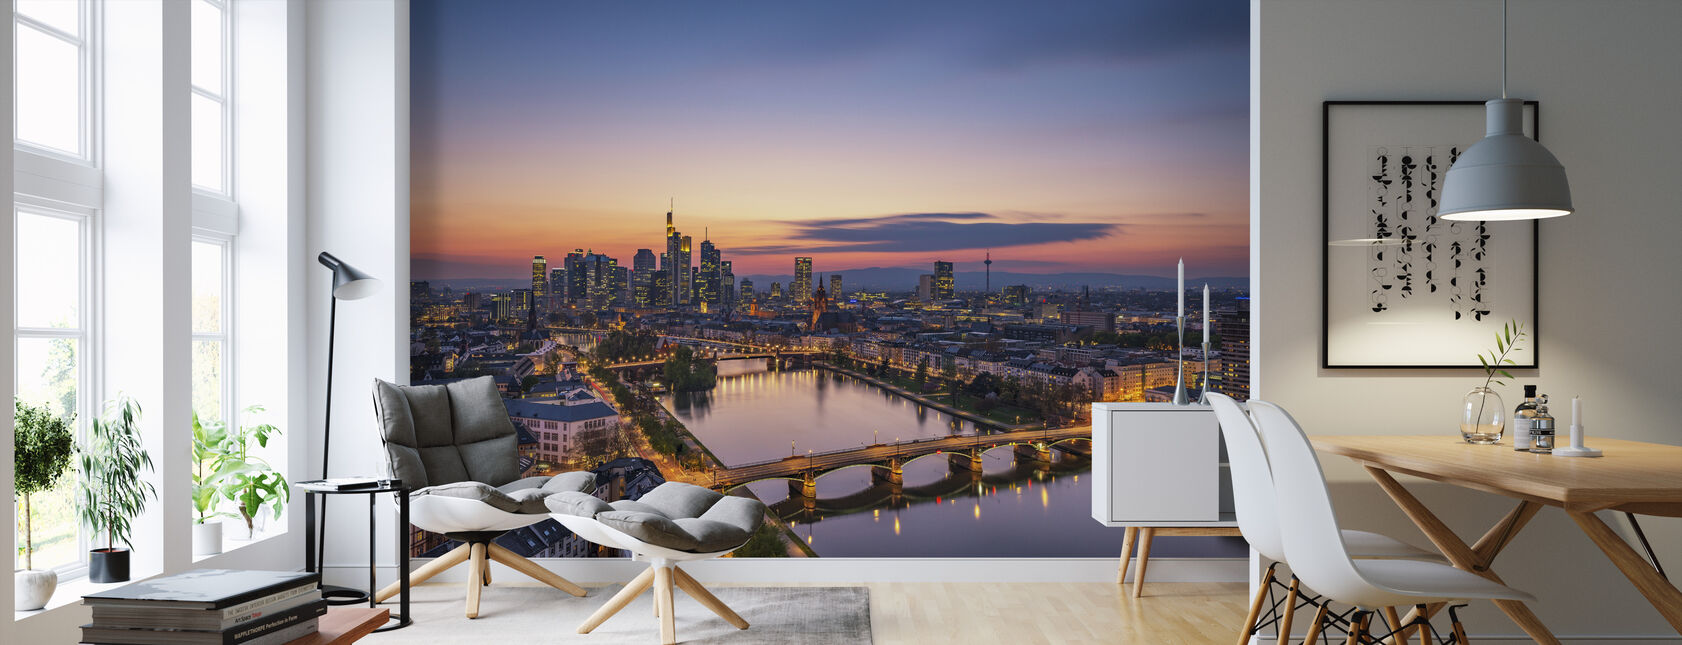 Skyline van Frankfurt bij zonsondergang - Behang - Woonkamer